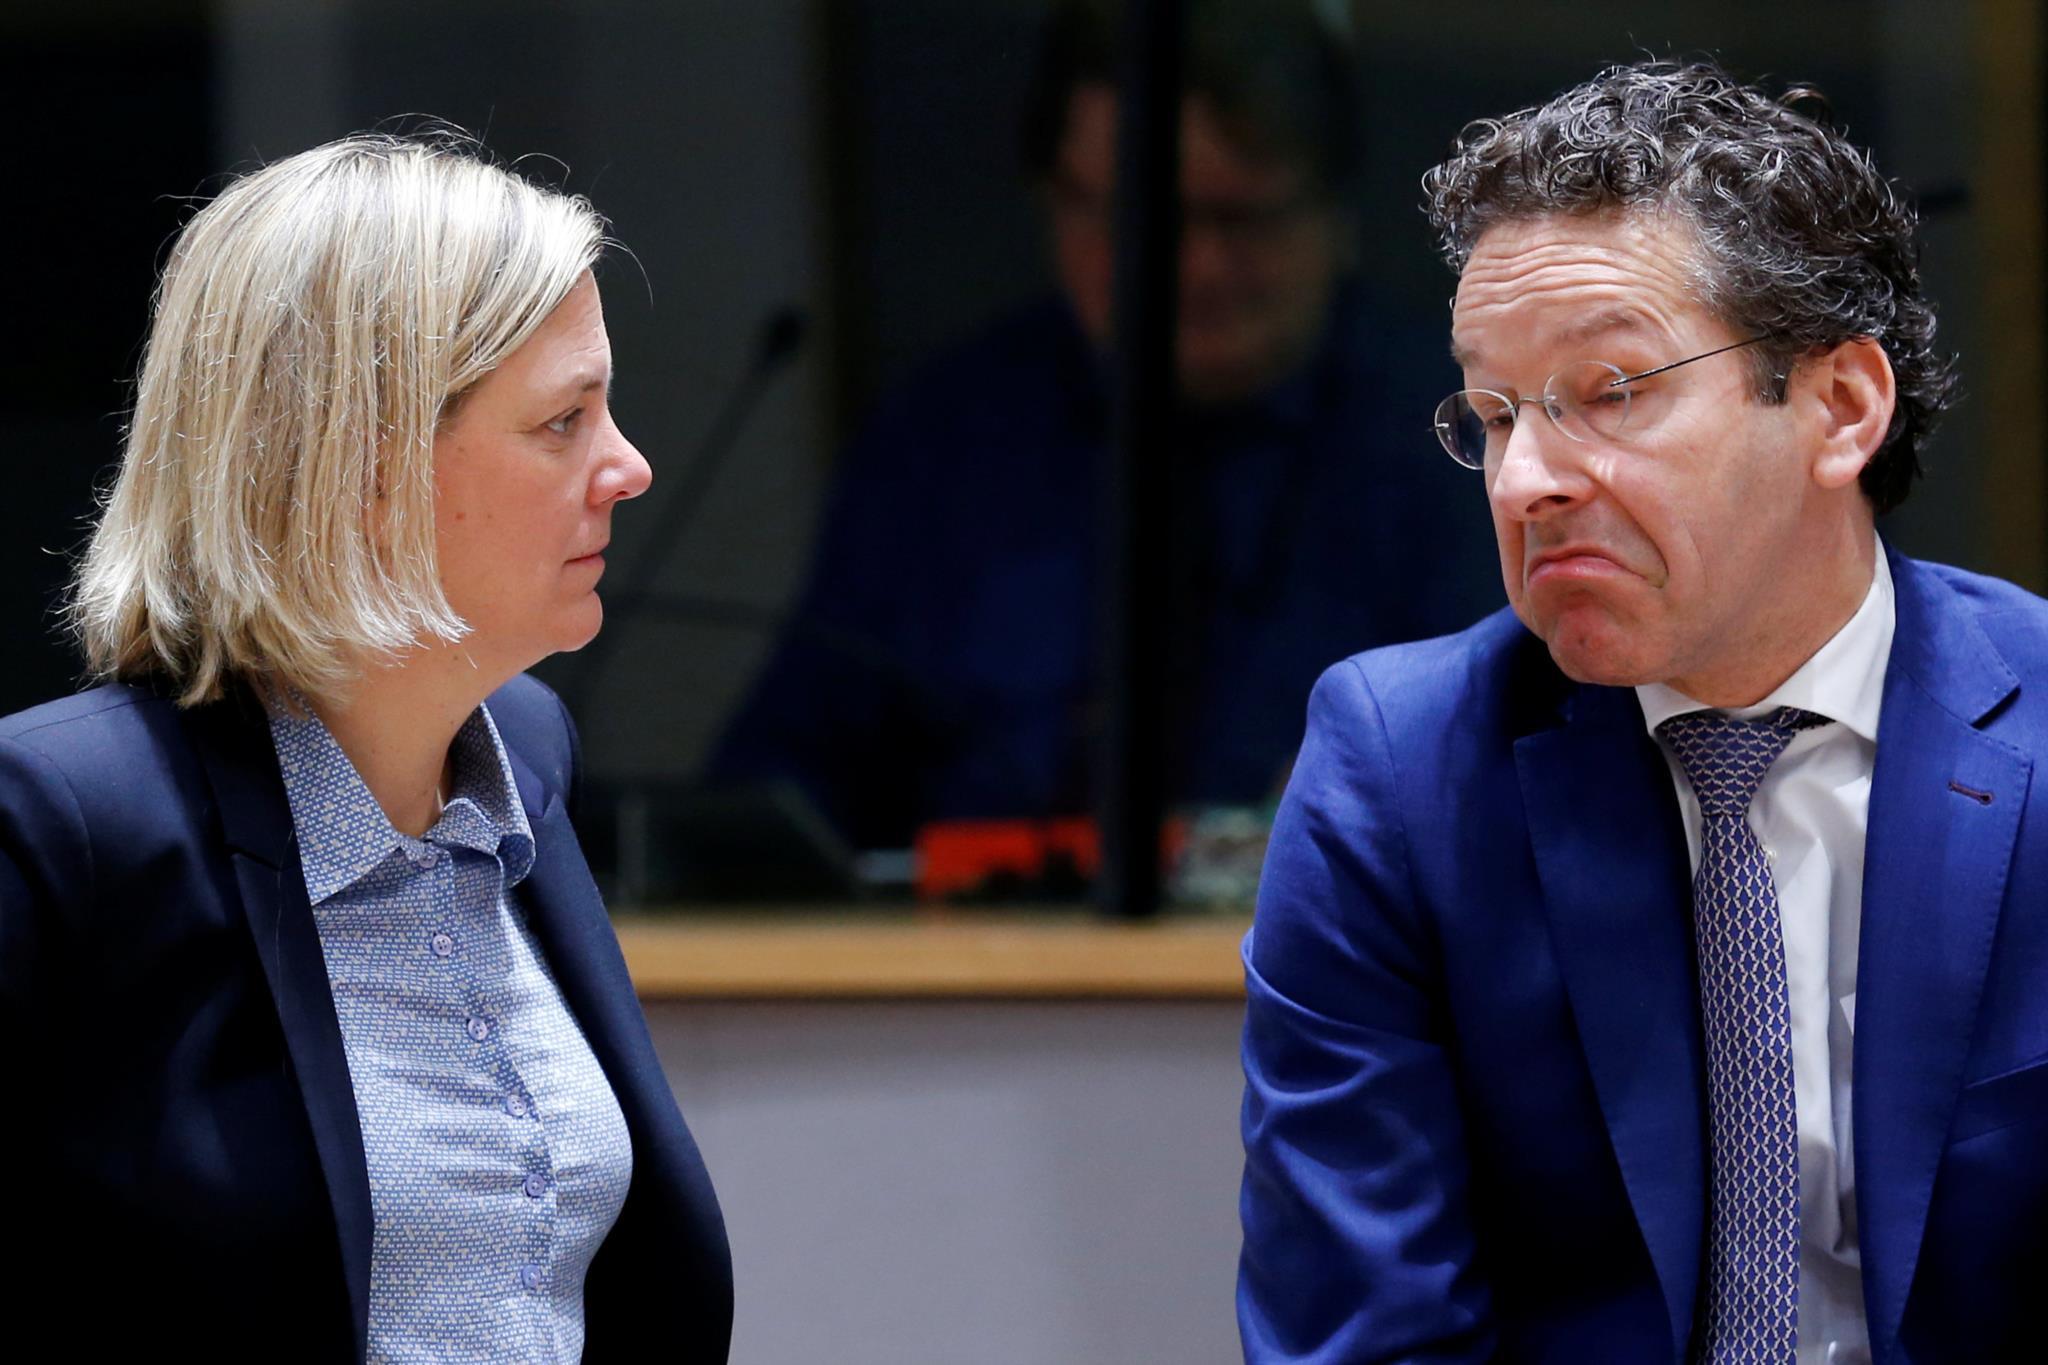 """PÚBLICO - Suécia """"revoltada"""" com Portugal por isentar pensionistas suecos de impostos"""